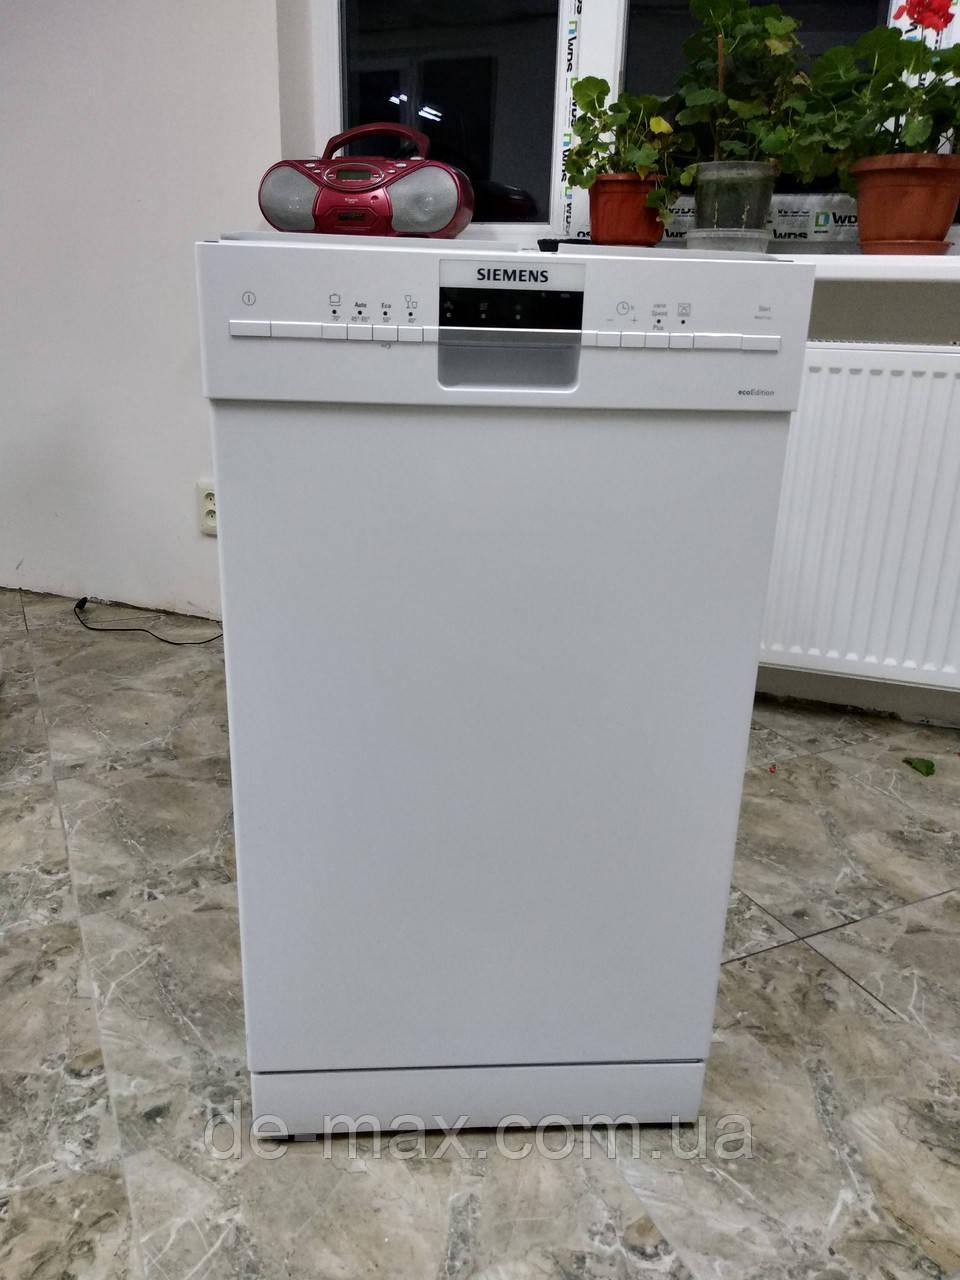 Посудомоечная машина Сименс Siemens SR24M230EU А++ 9 комплектов 44дБ